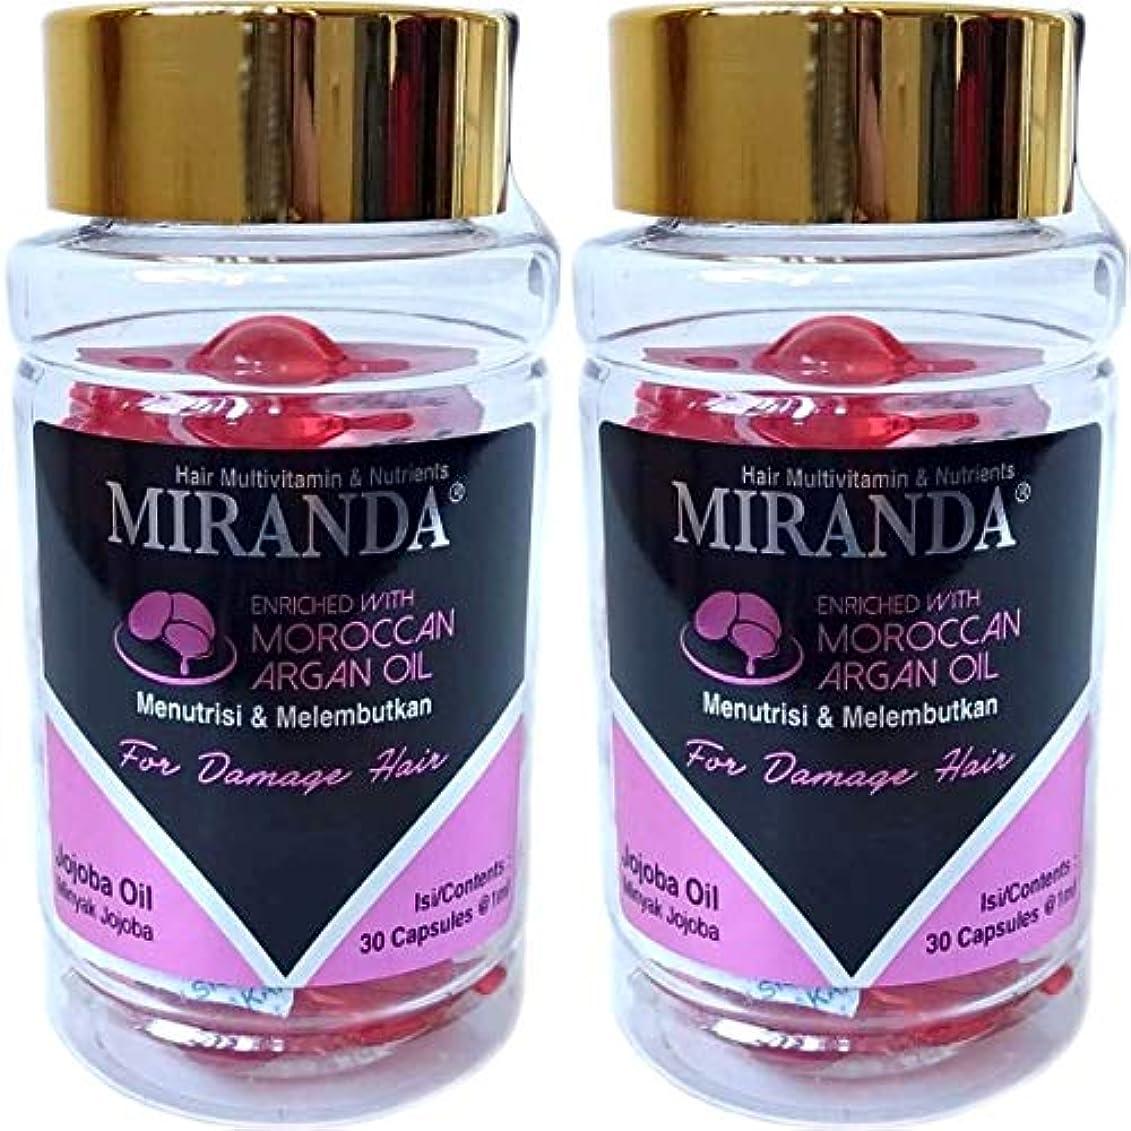 ヘア堀首尾一貫したMIRANDA ミランダ Hair Multivitamin&Nutrients ヘアマルチビタミン ニュートリエンツ 洗い流さないヘアトリートメント 30粒入ボトル×2個セット Jojoba oil ホホバオイル [海外直送品]